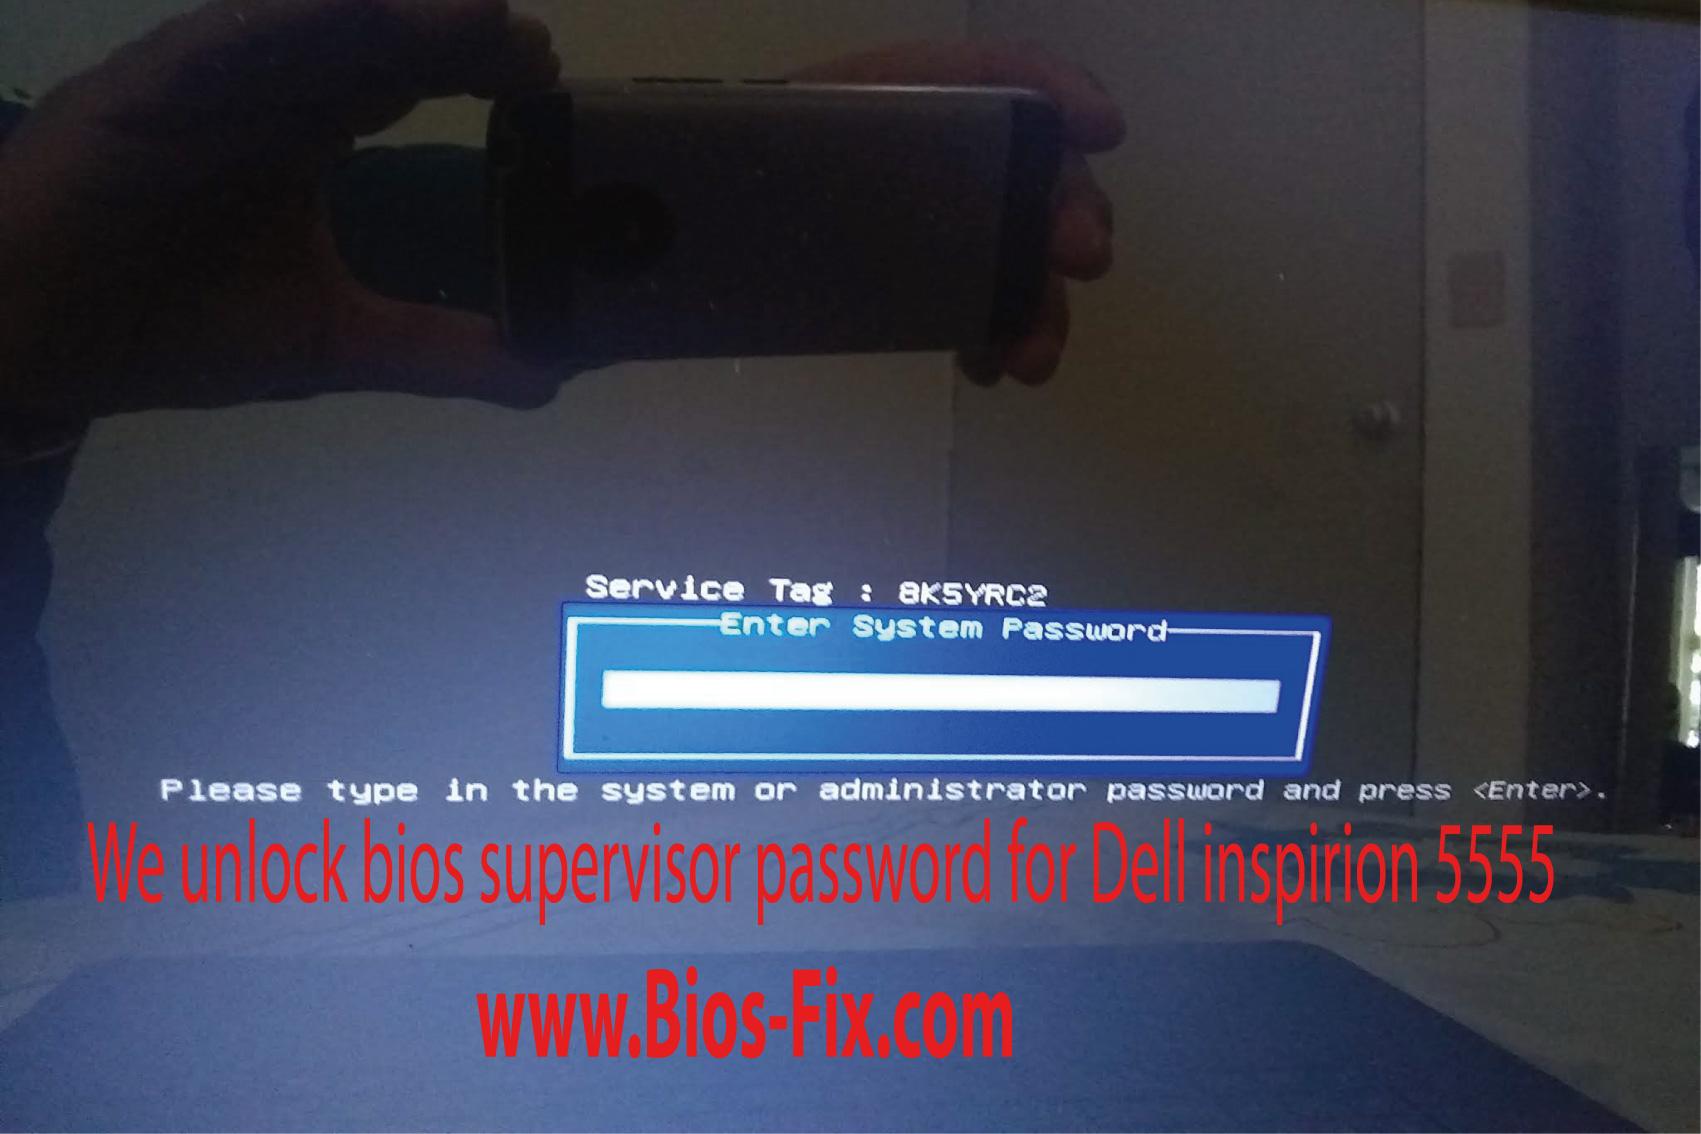 Dell-5555-unlock-system-password.jpg